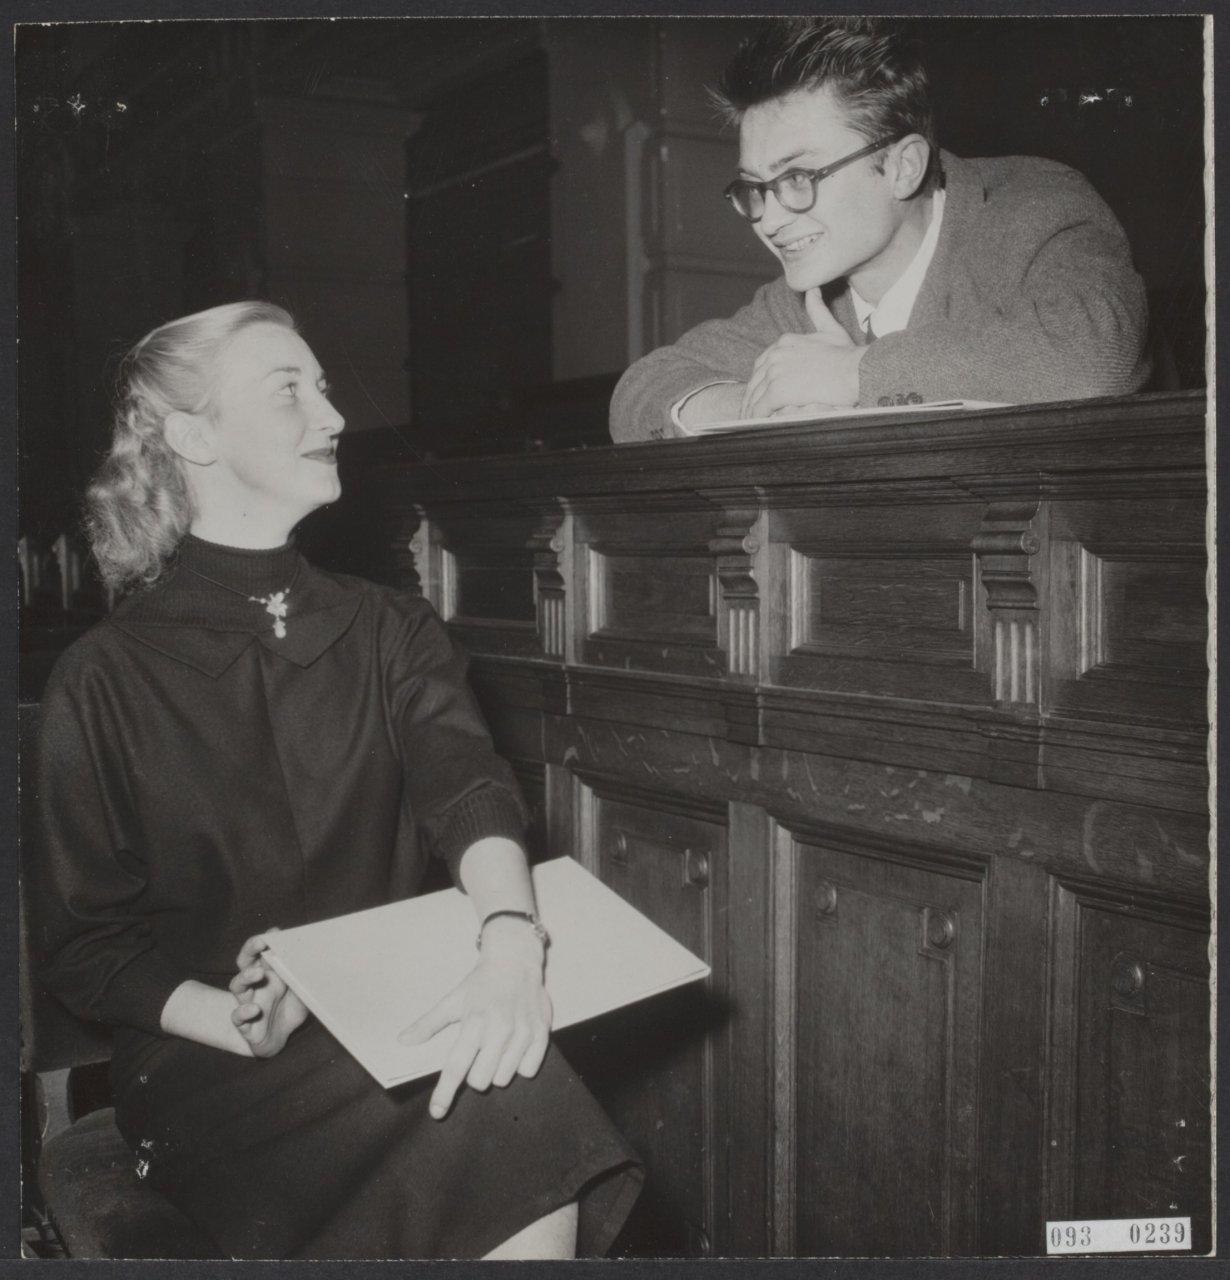 Ellen Warmond en Remco Campert bij uitreiking Reina Prinsen Geerligsprijs in 1953